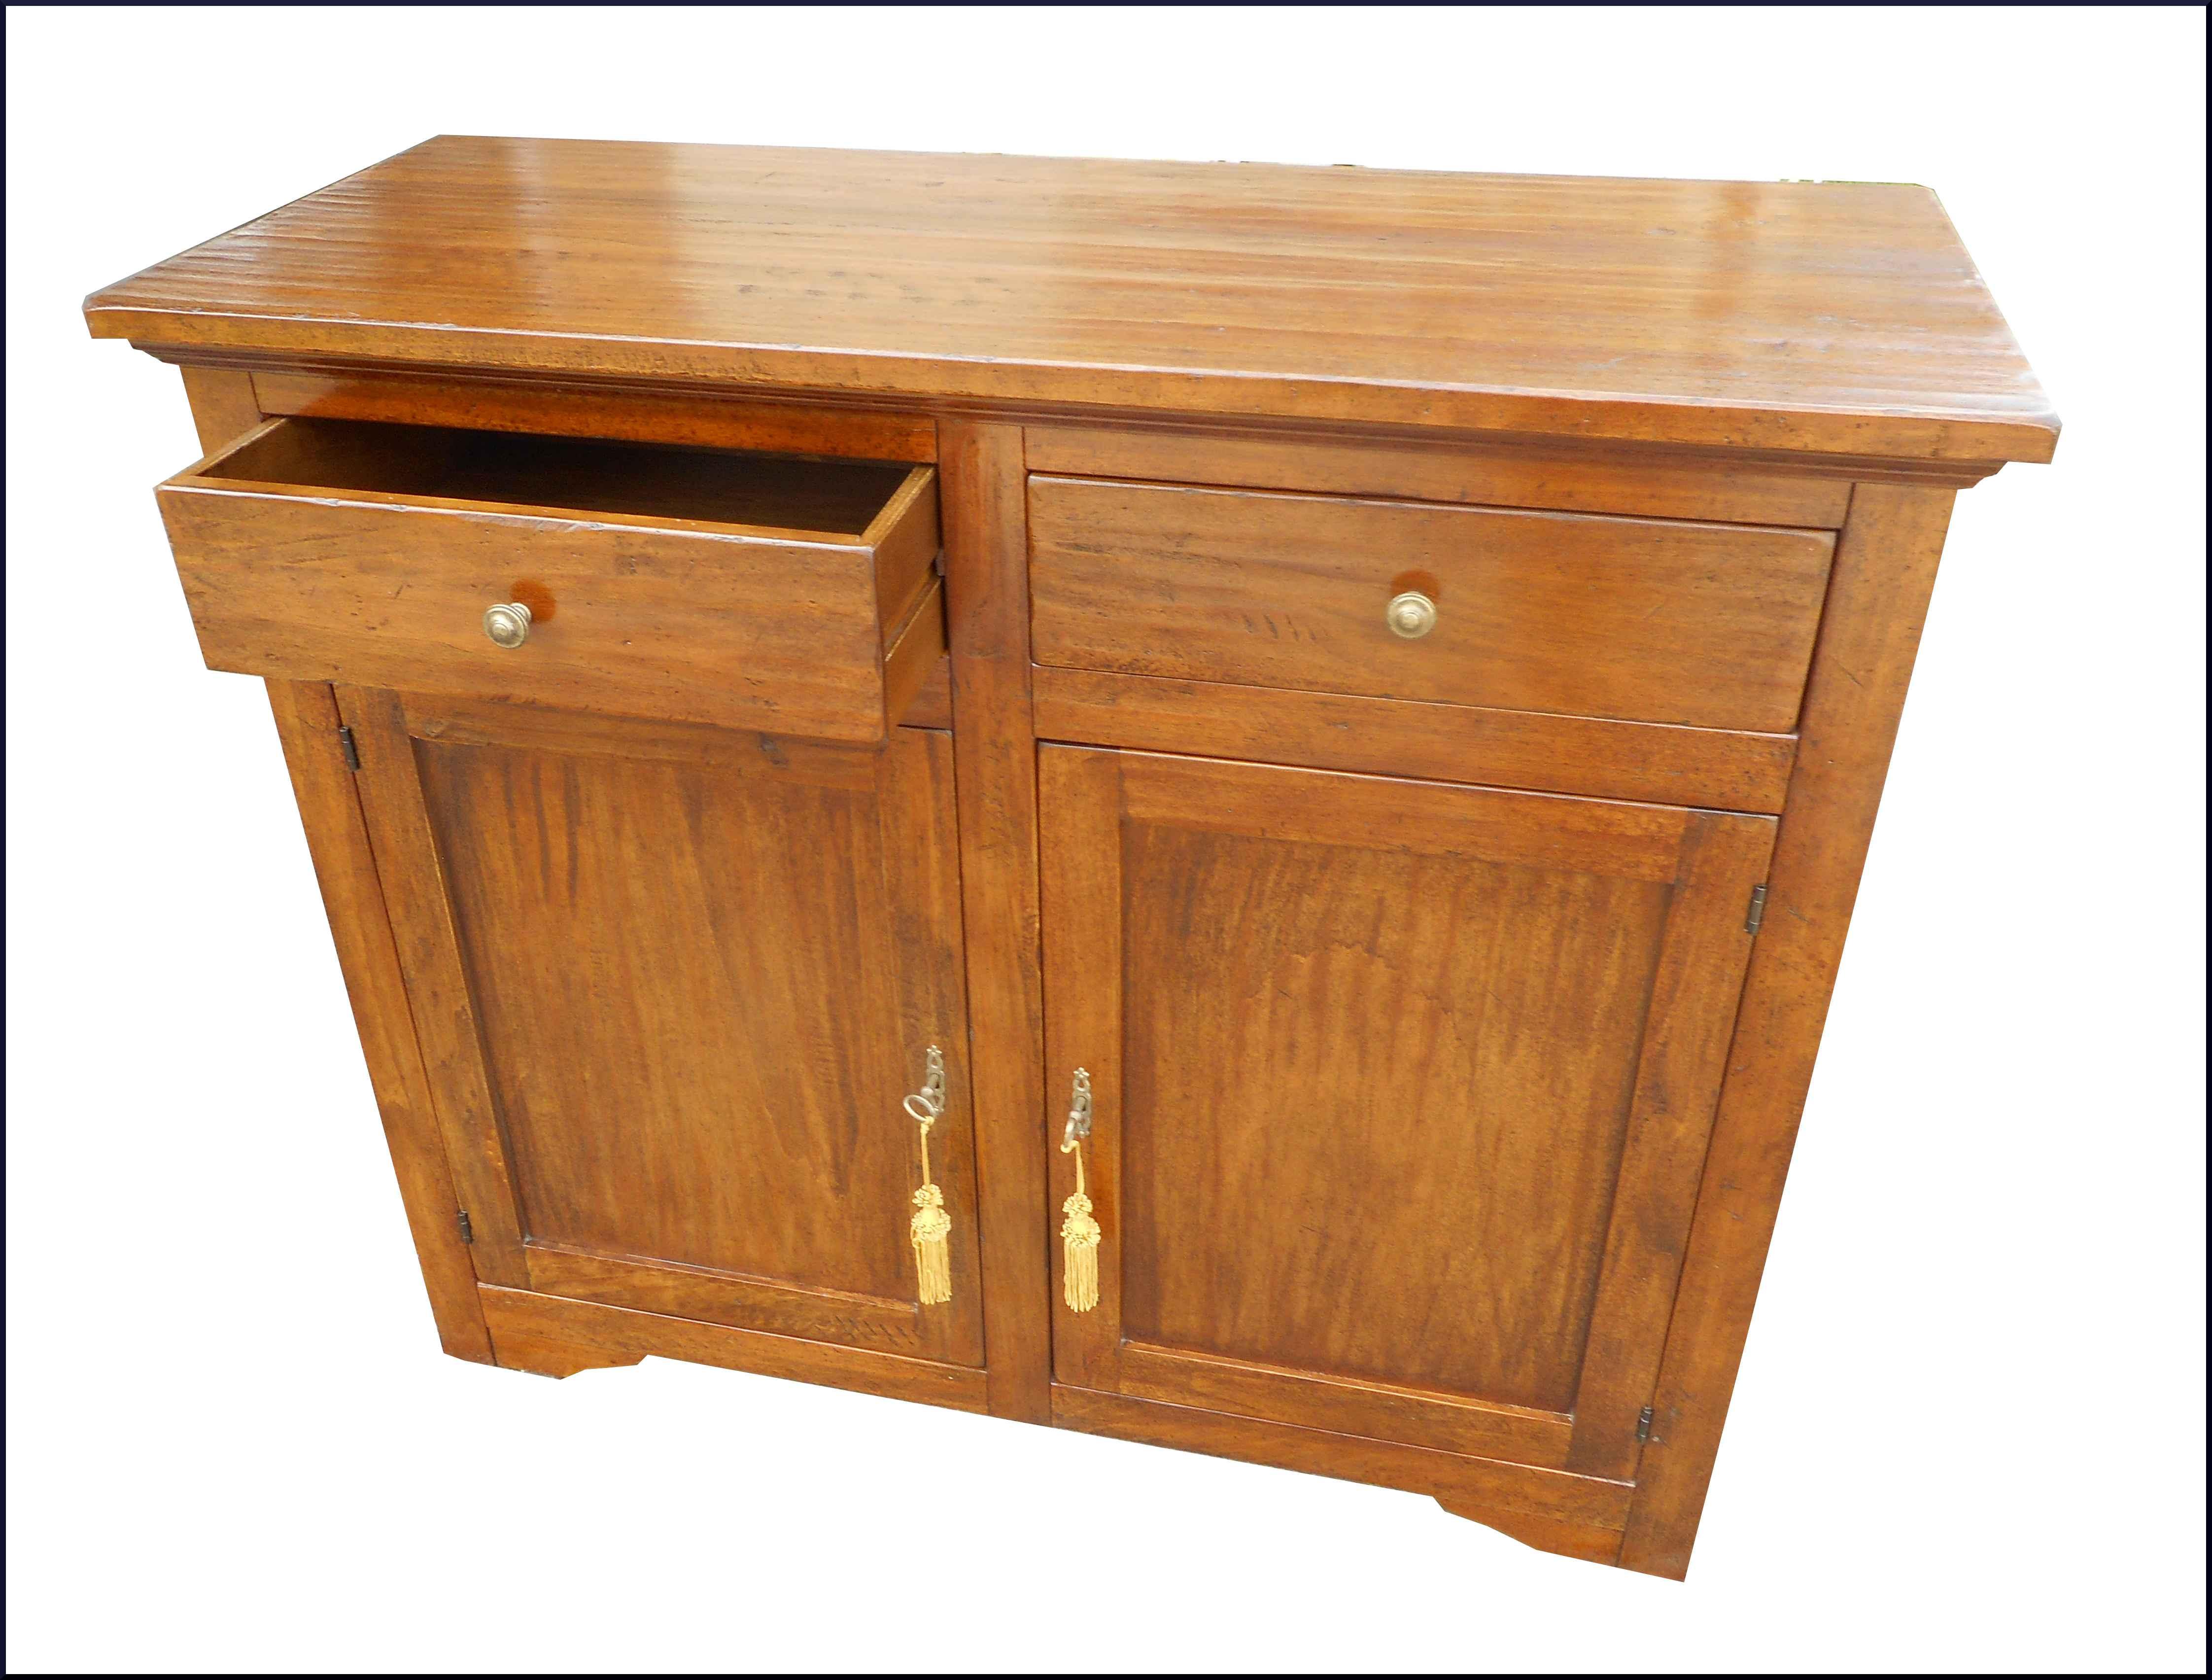 Credenza Rustica In Legno : Particolare credenza rustica in legno piallato e invecchiato con